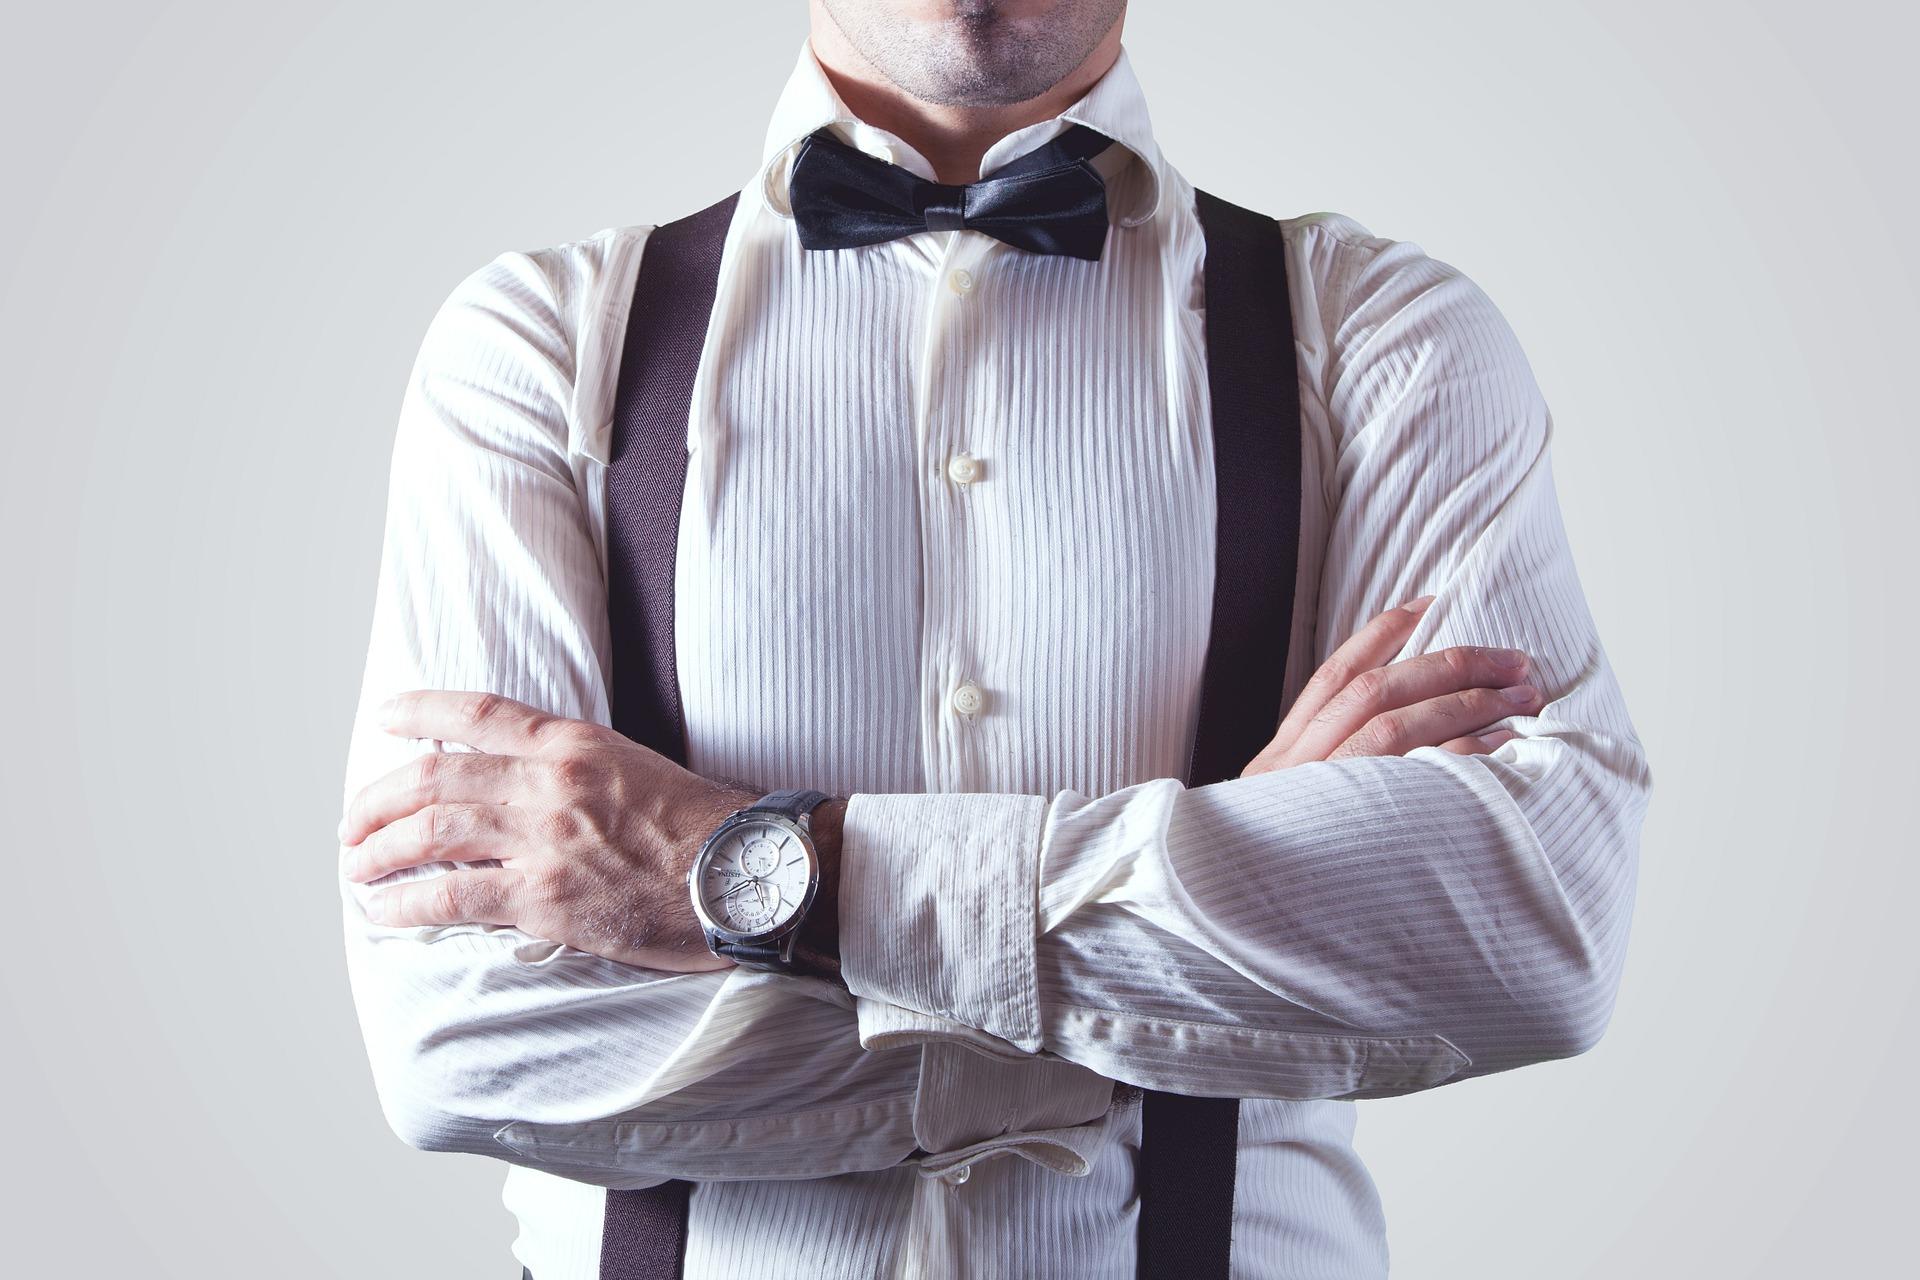 Imagem mostra um homem usando um suspensório com gravata borboleta e camisa de alfaiataria.